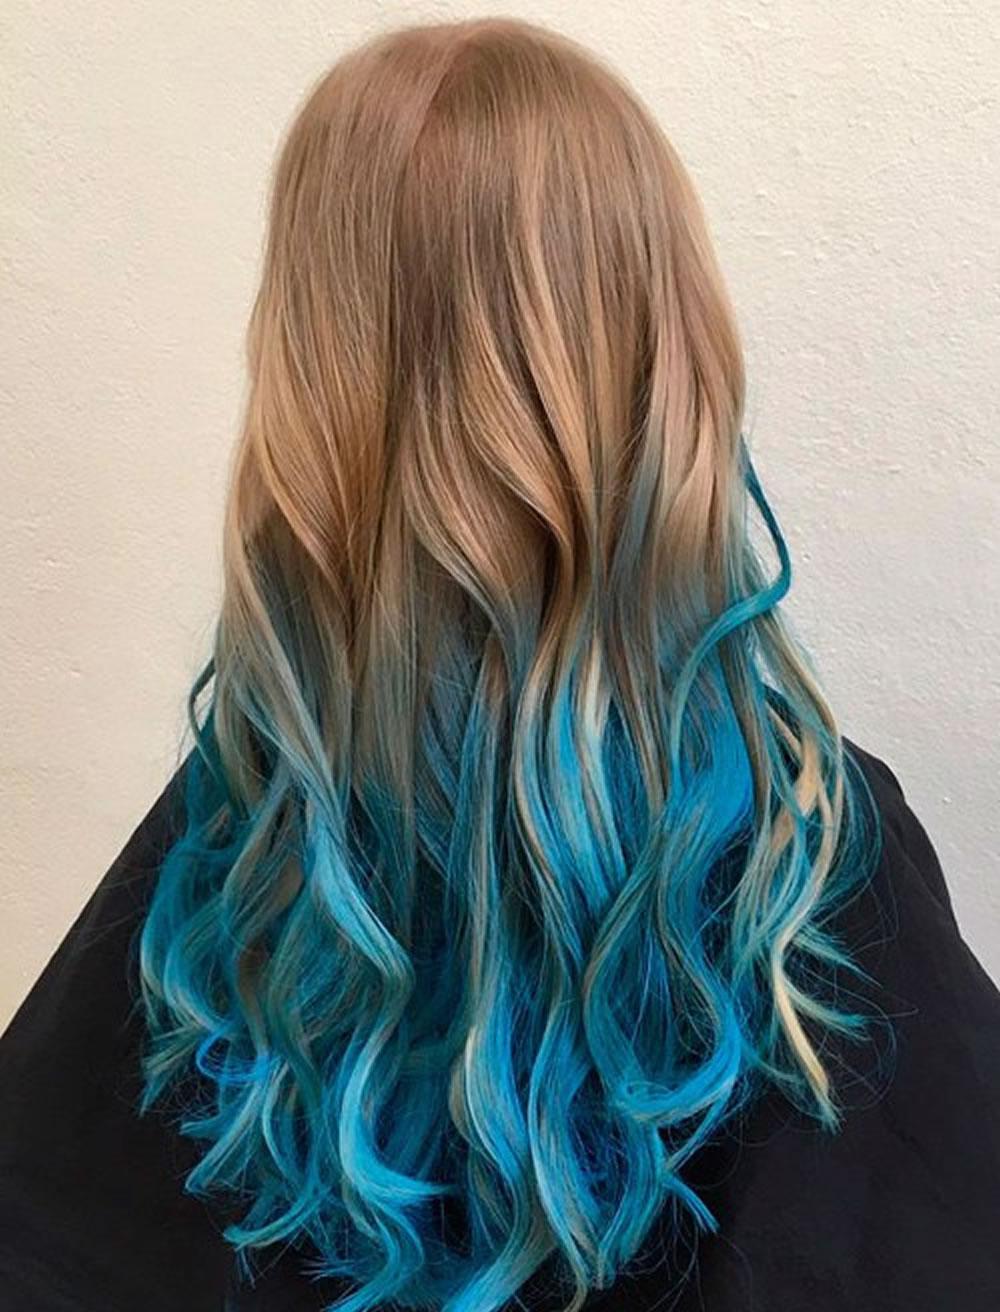 Окрашивание волос 2018 в бирюзовый